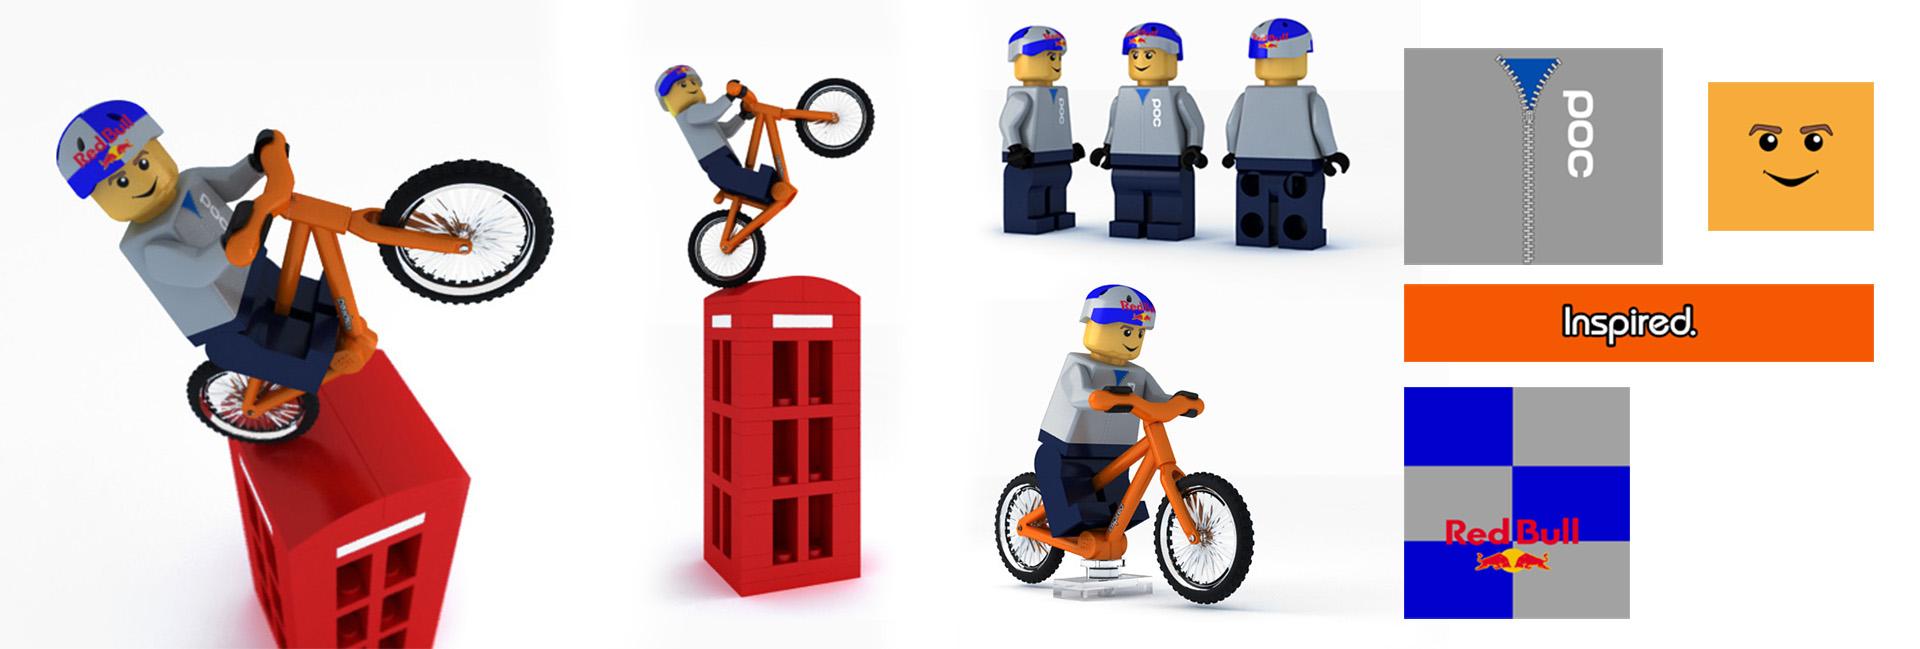 LEGO_danny_macaskill_001a